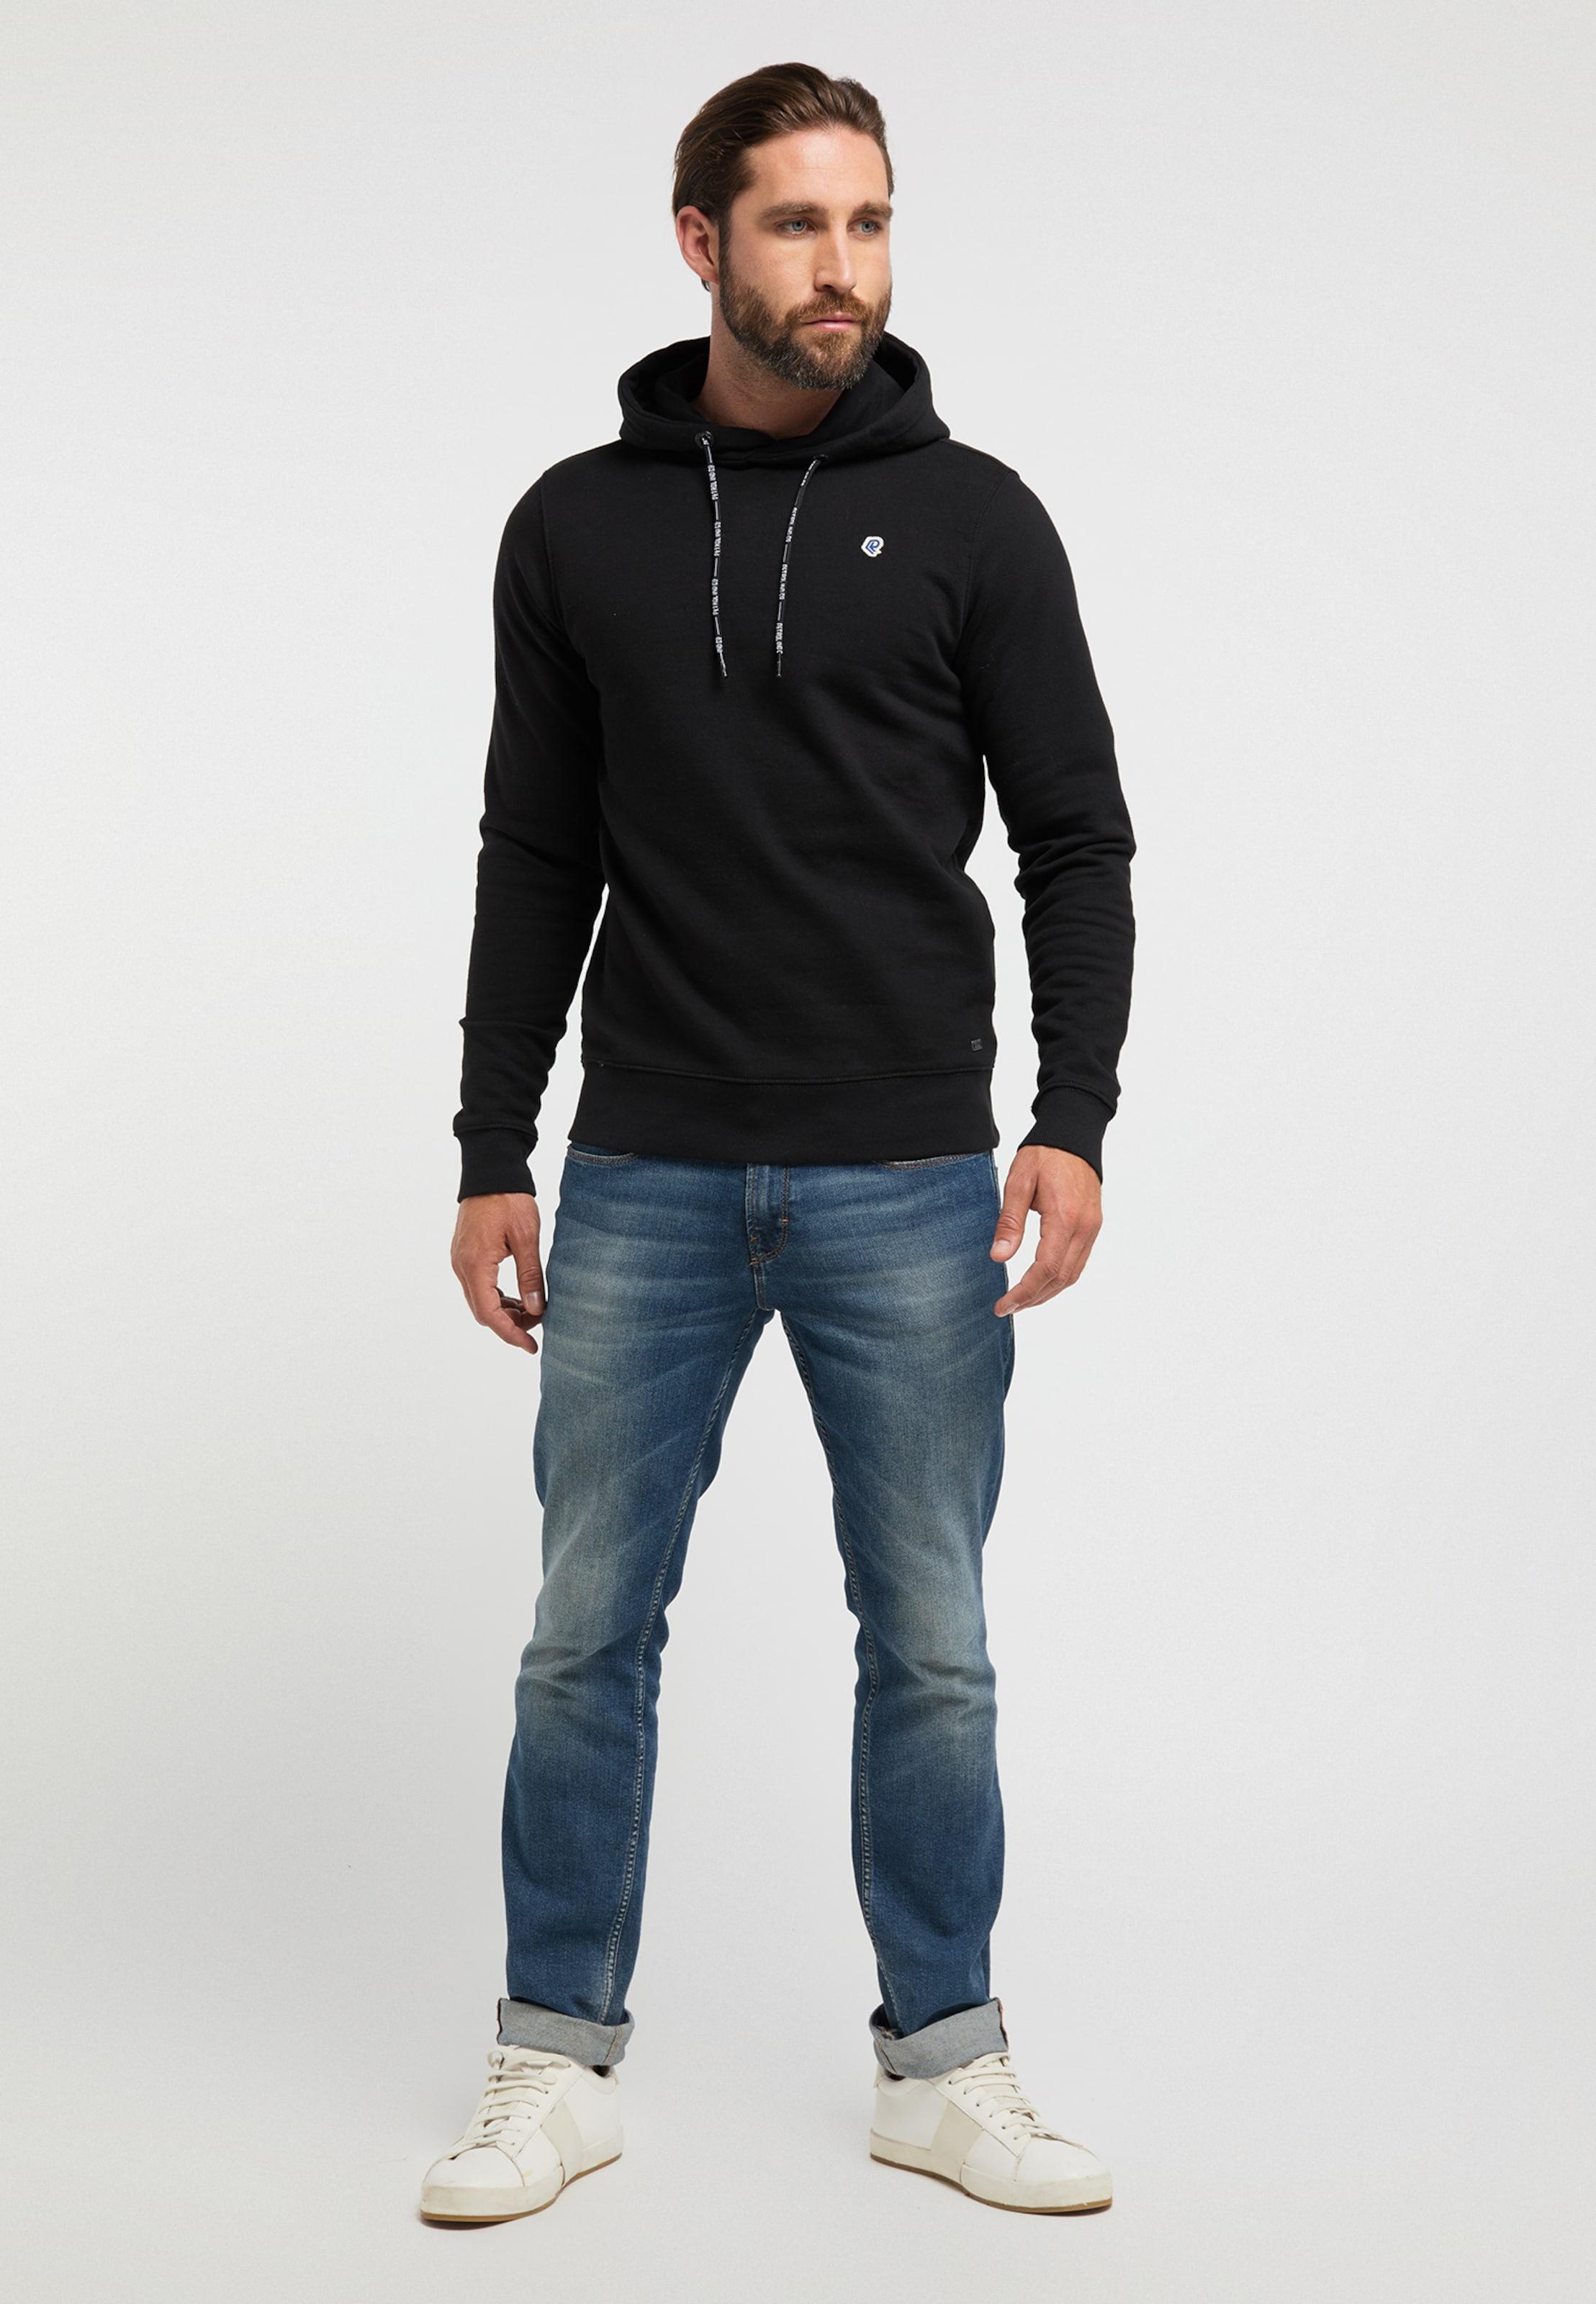 Sweatshirt Schwarz In Industries Sweatshirt Petrol In Industries Petrol F3TlK1cuJ